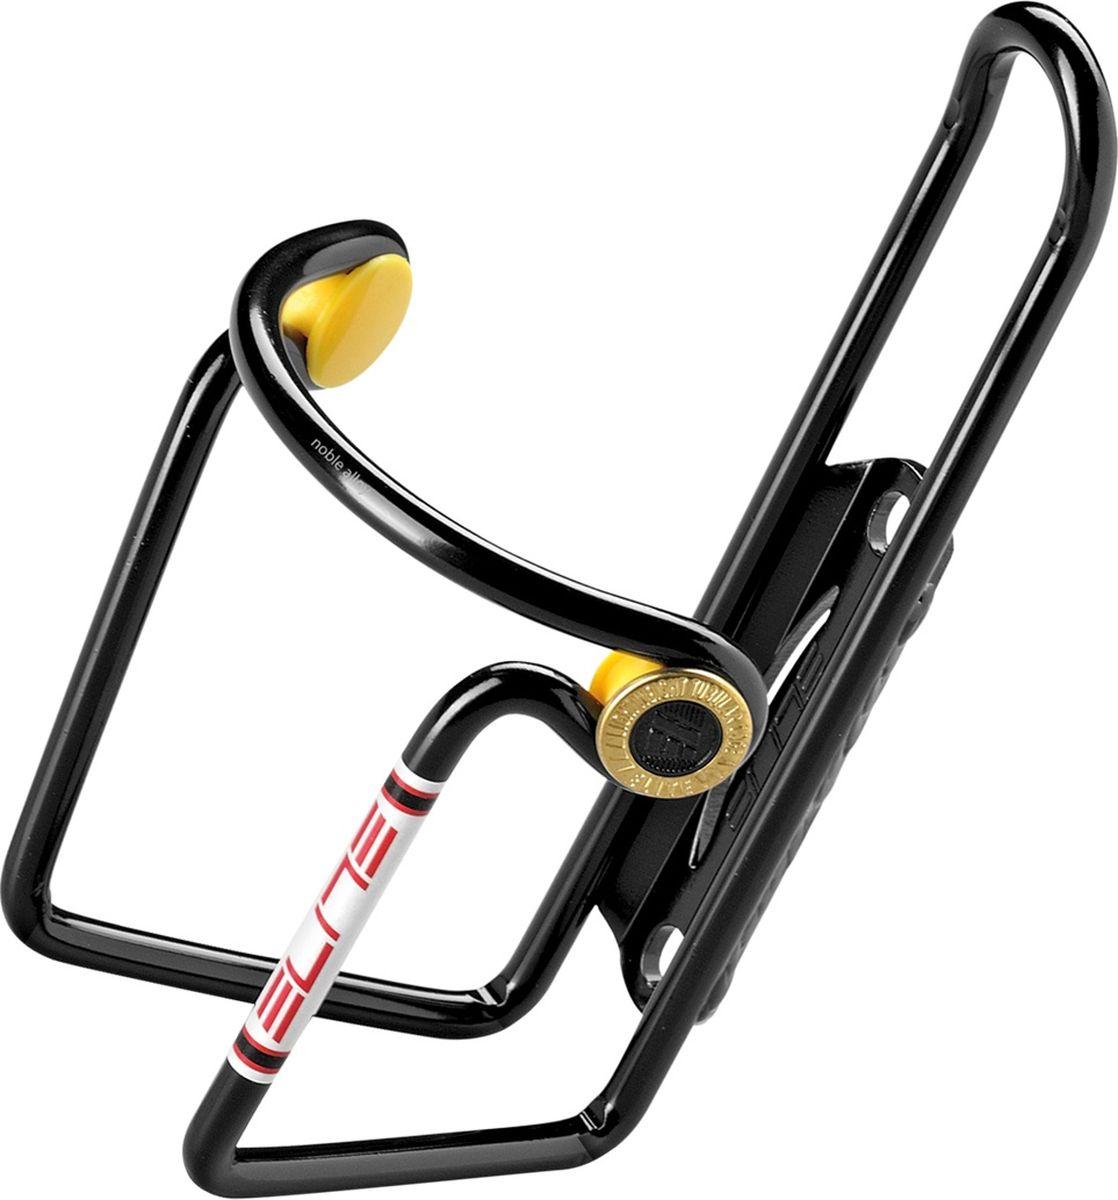 Флягодержатель Elite Ciussi, цвет: черный флягодержатель zefal pulse fiber glass цвет черный